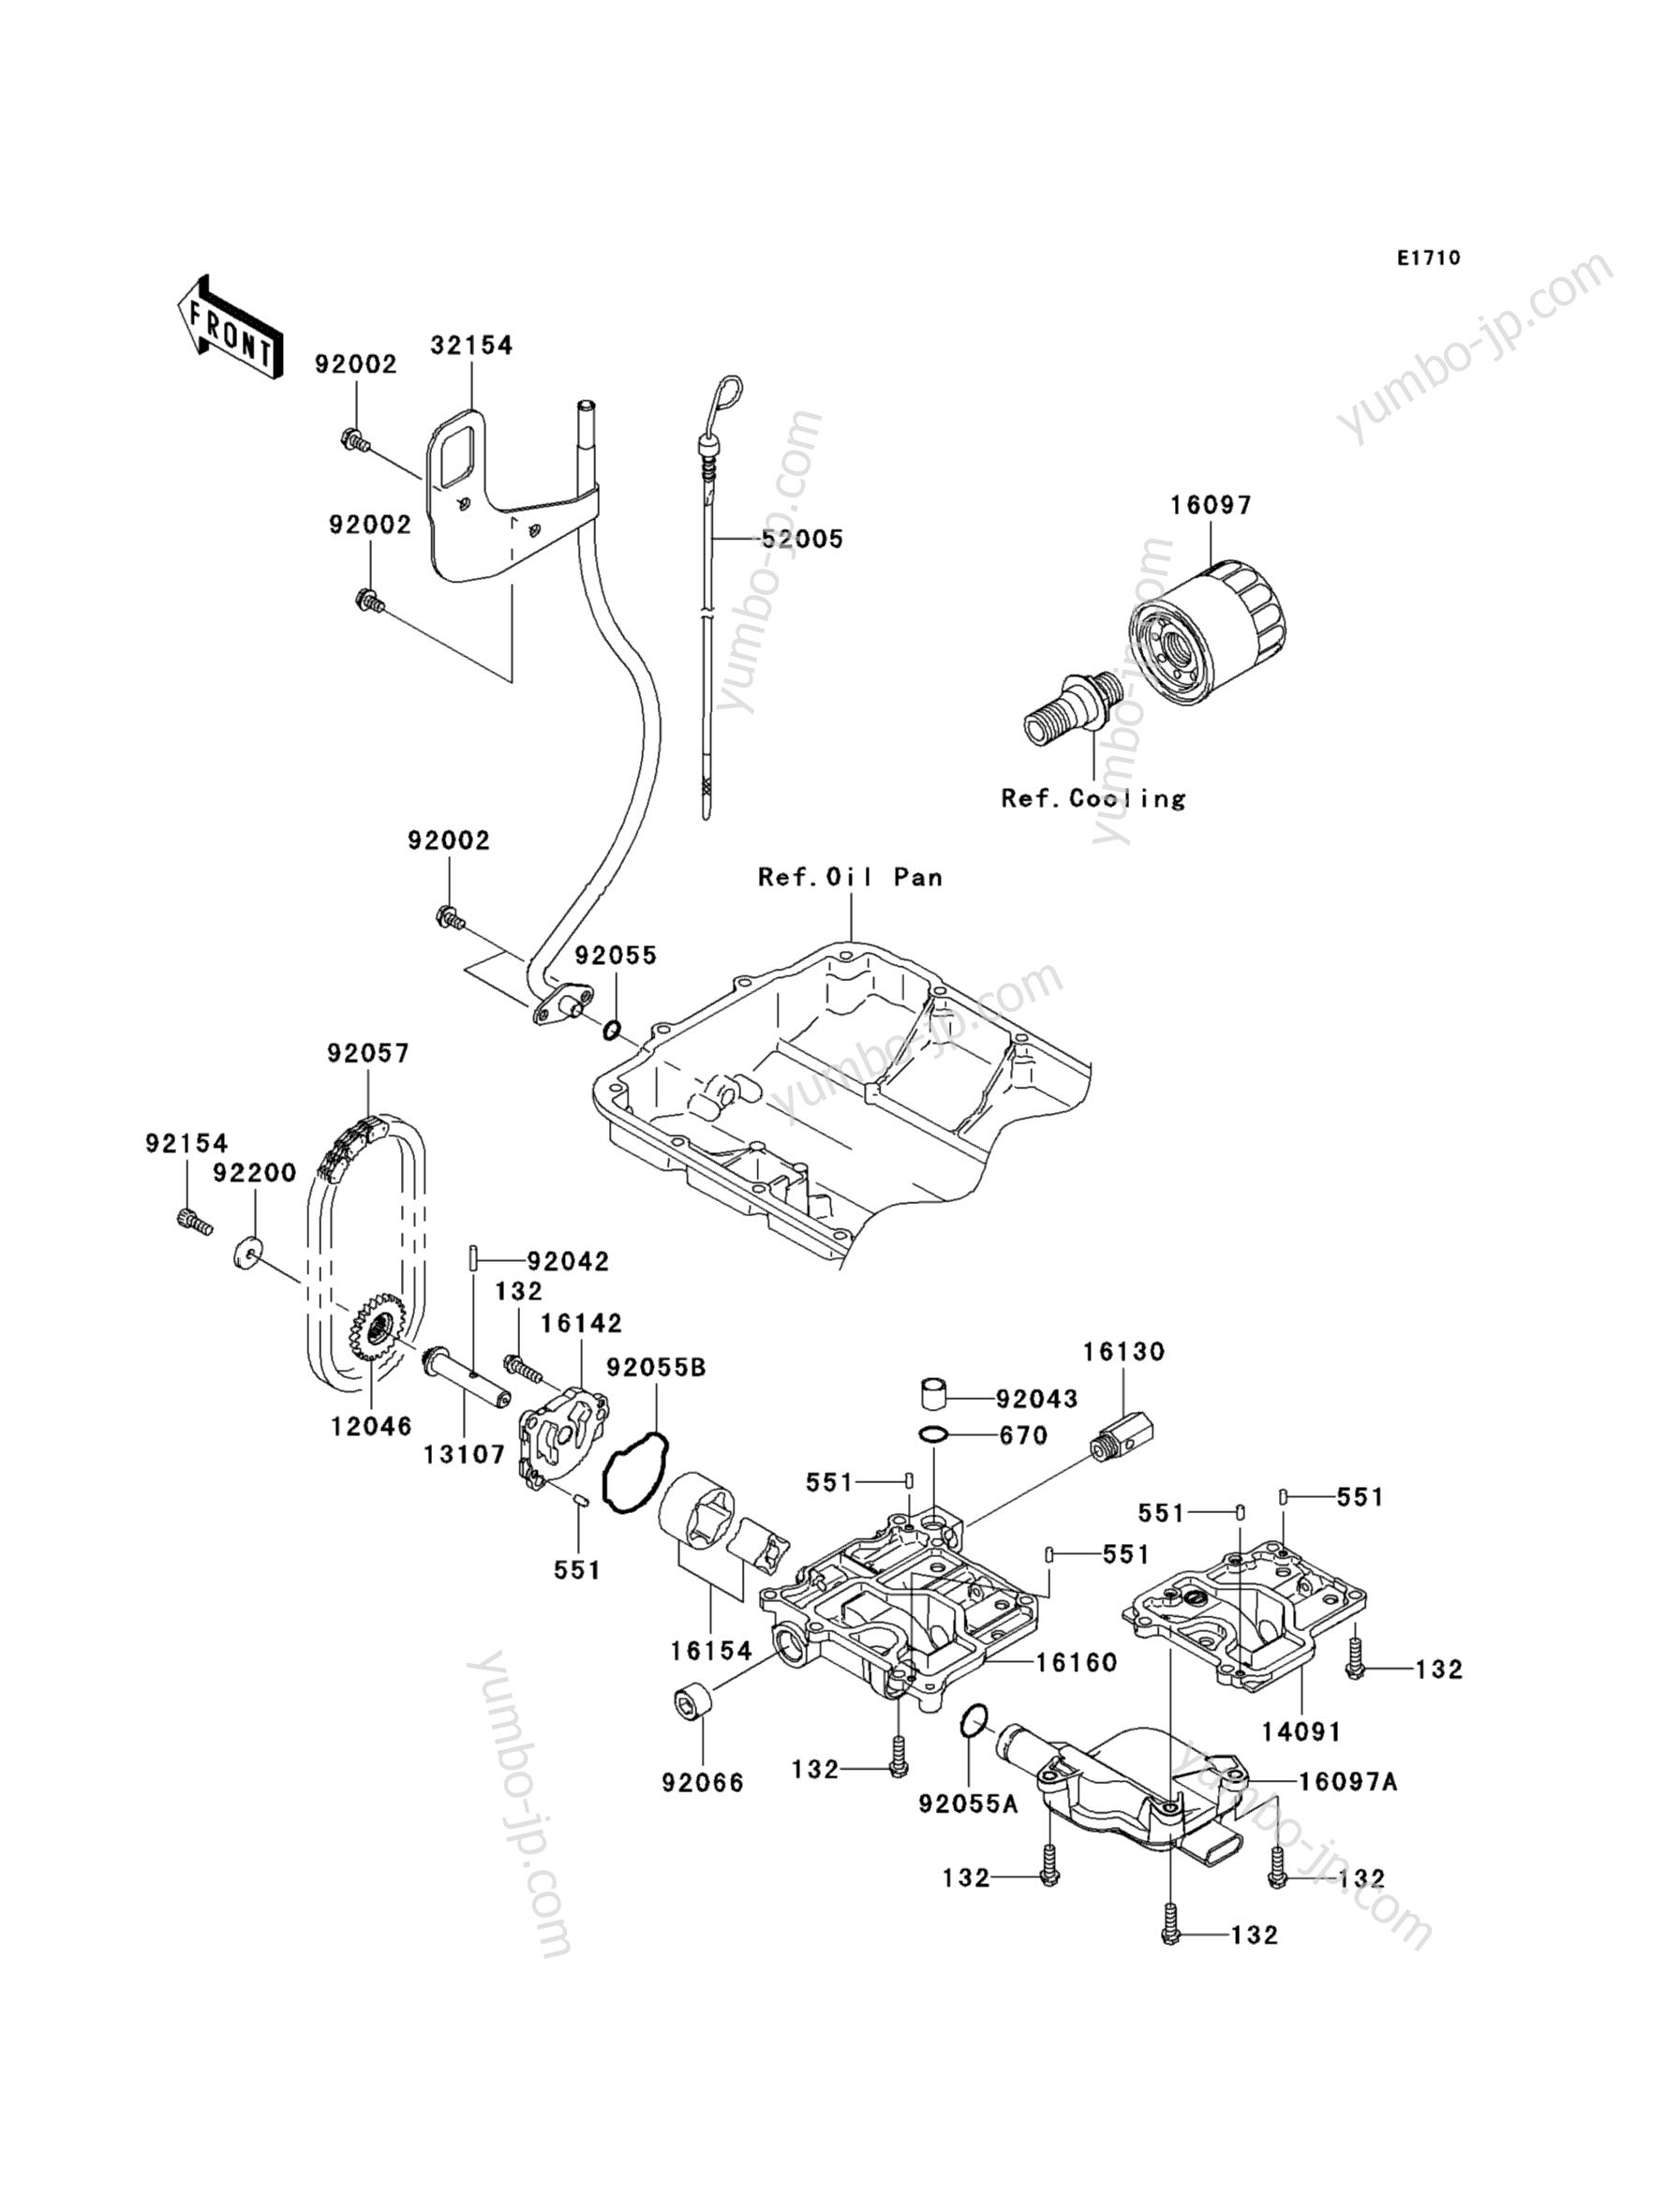 Масляный насос для гидроциклов KAWASAKI JET SKI ULTRA 300X (JT1500HBFA) 2011 г.